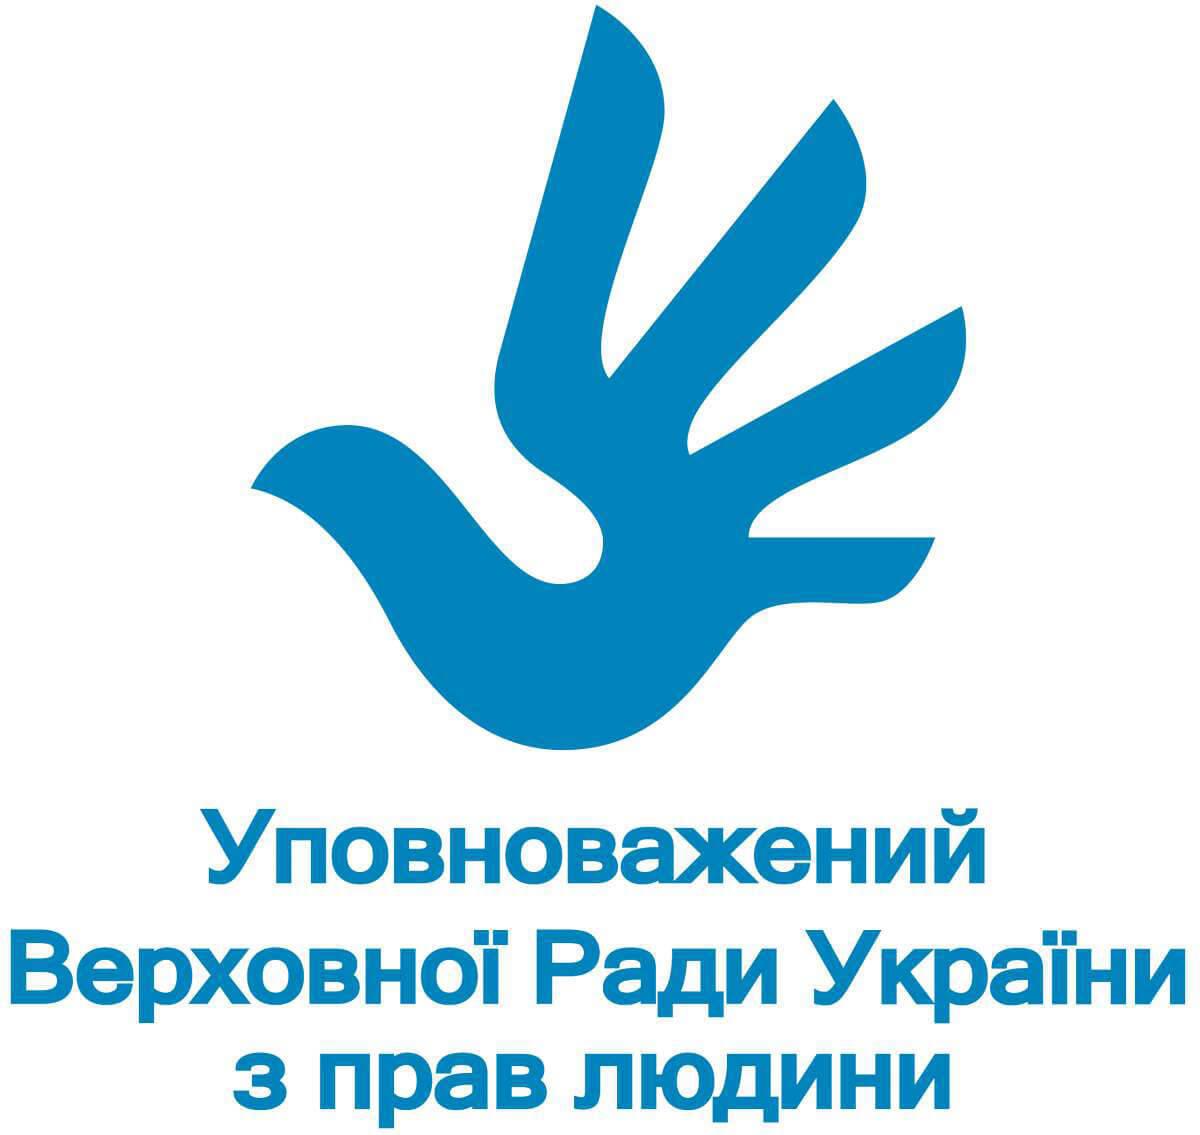 Уповноважений звернулася до мера Києва щодо забезпечення безперешкодного доступу людей з інвалідністю до користування метрополітеном